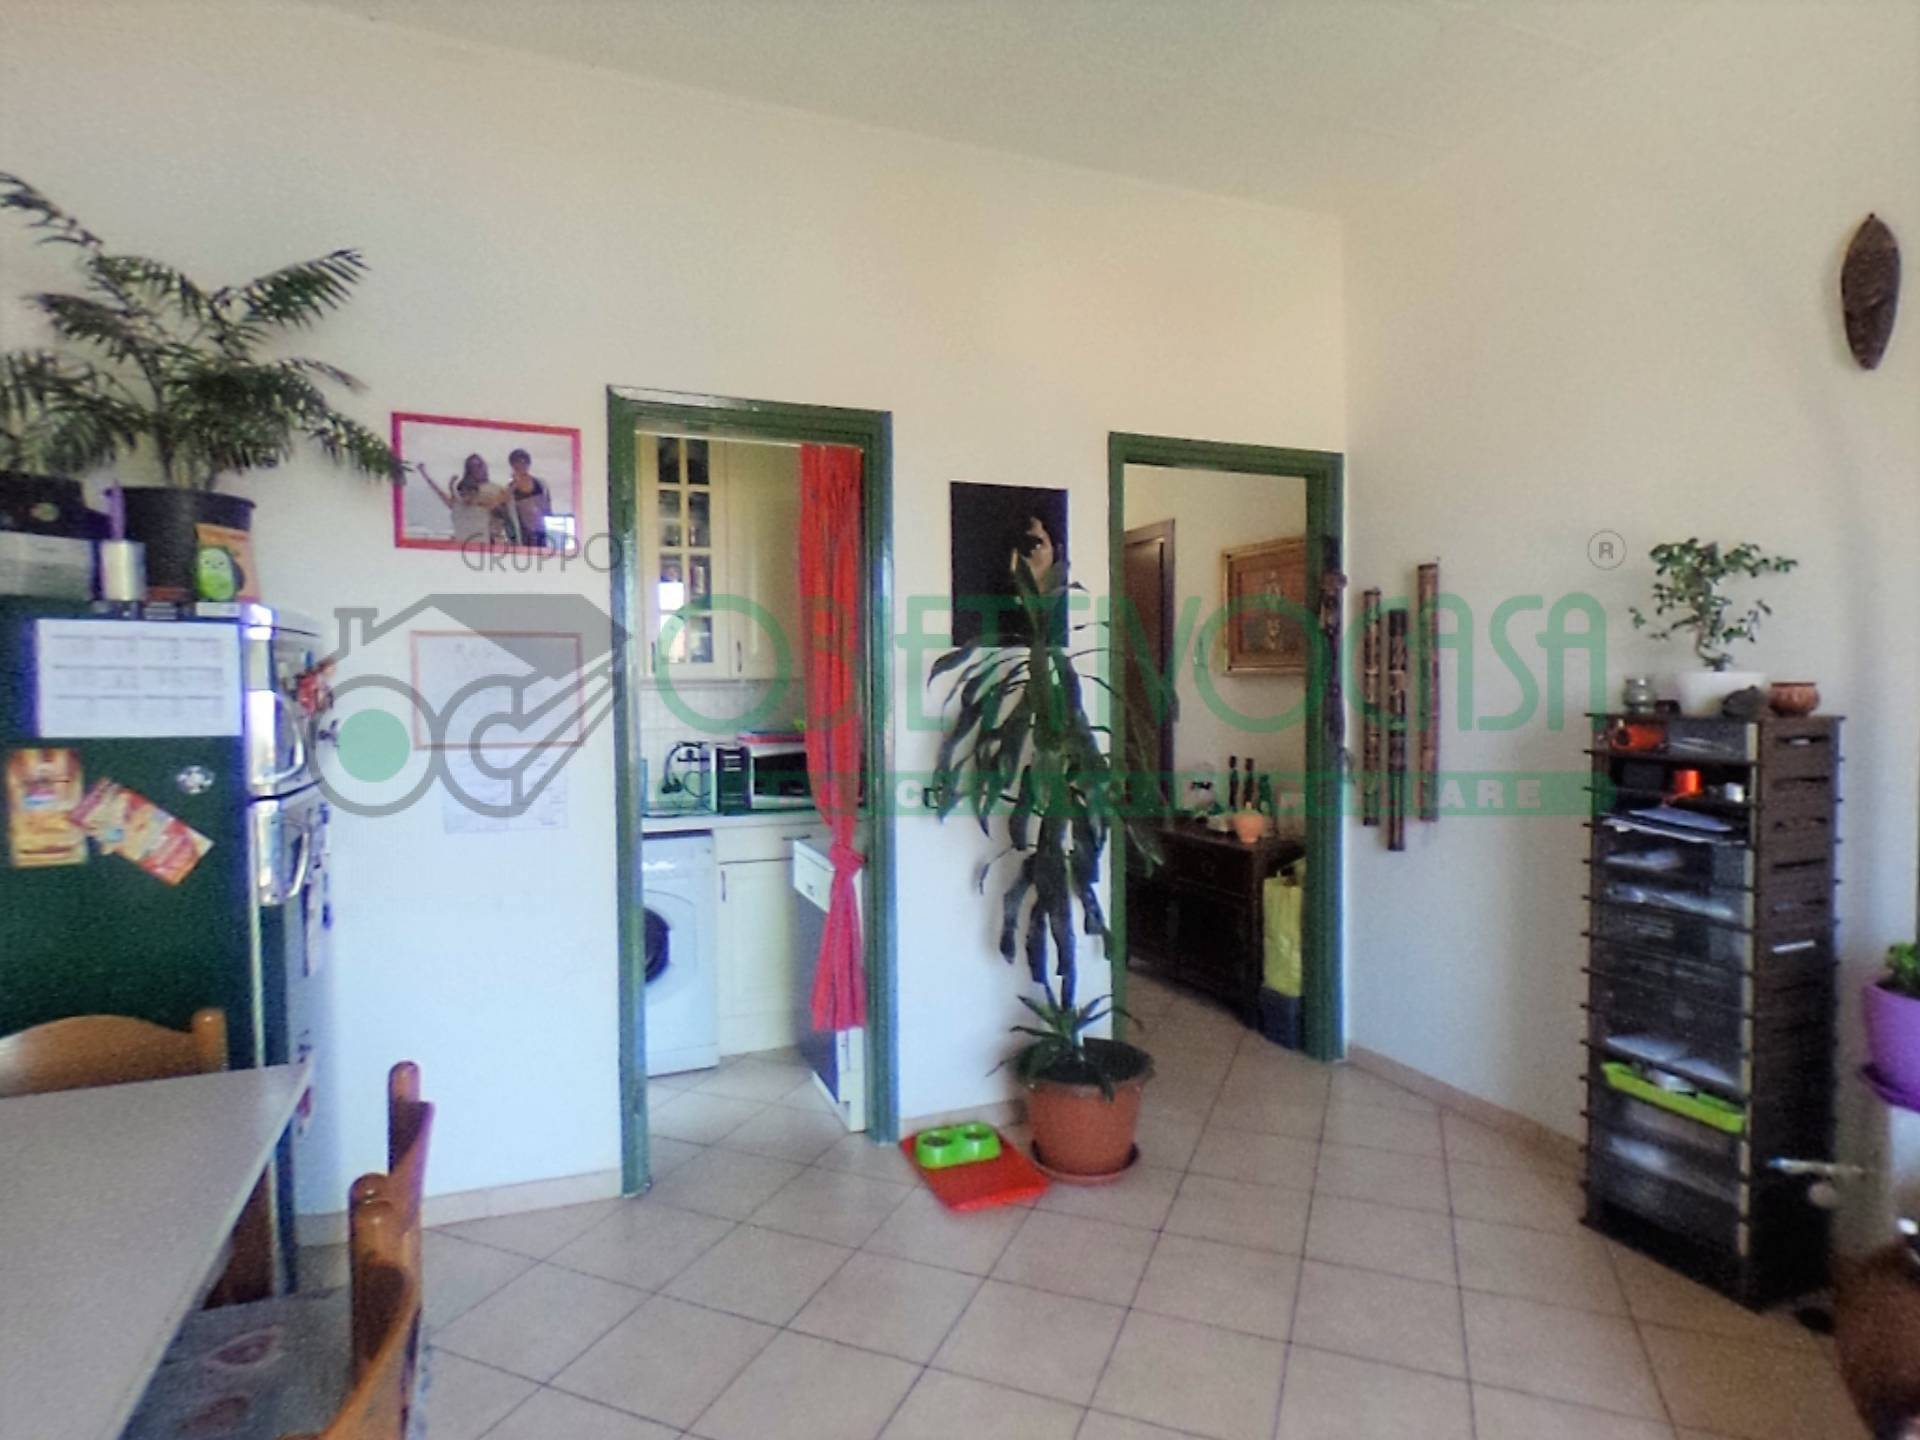 Agenzie Immobiliari Corsico vendita bilocale corsico - 2 via sant'adele € 119000 :26/10/2019